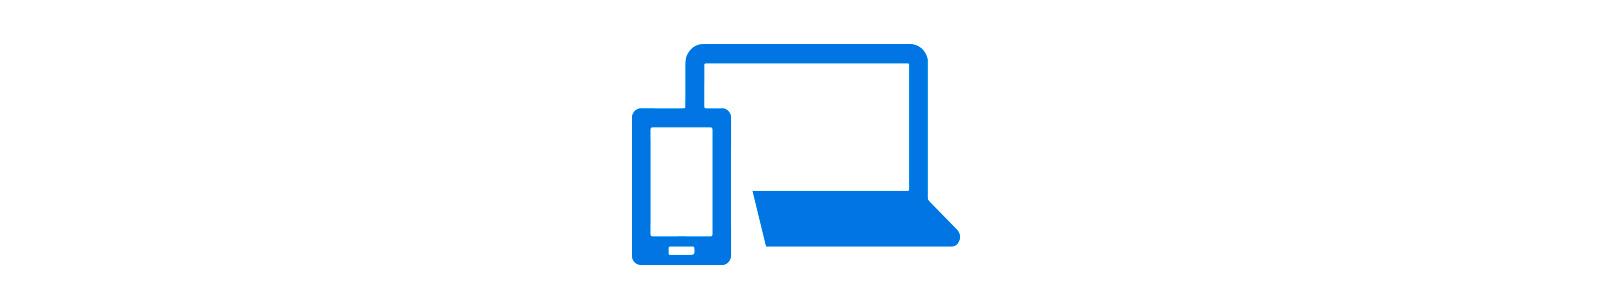 Icono de Continuum para el teléfono